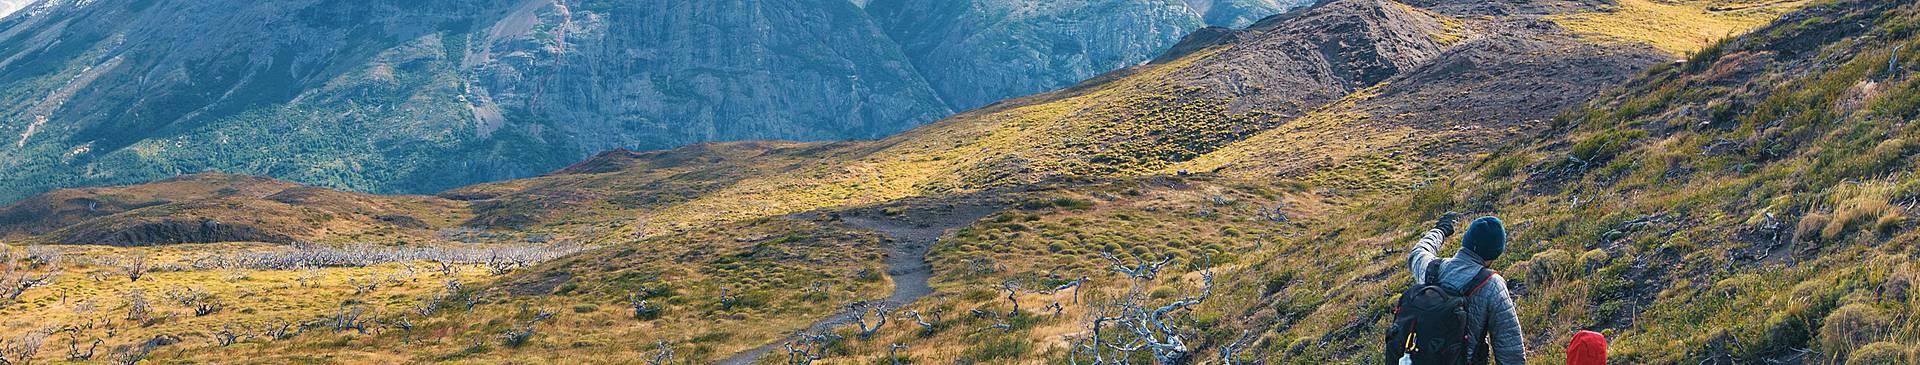 Trekking in Cile